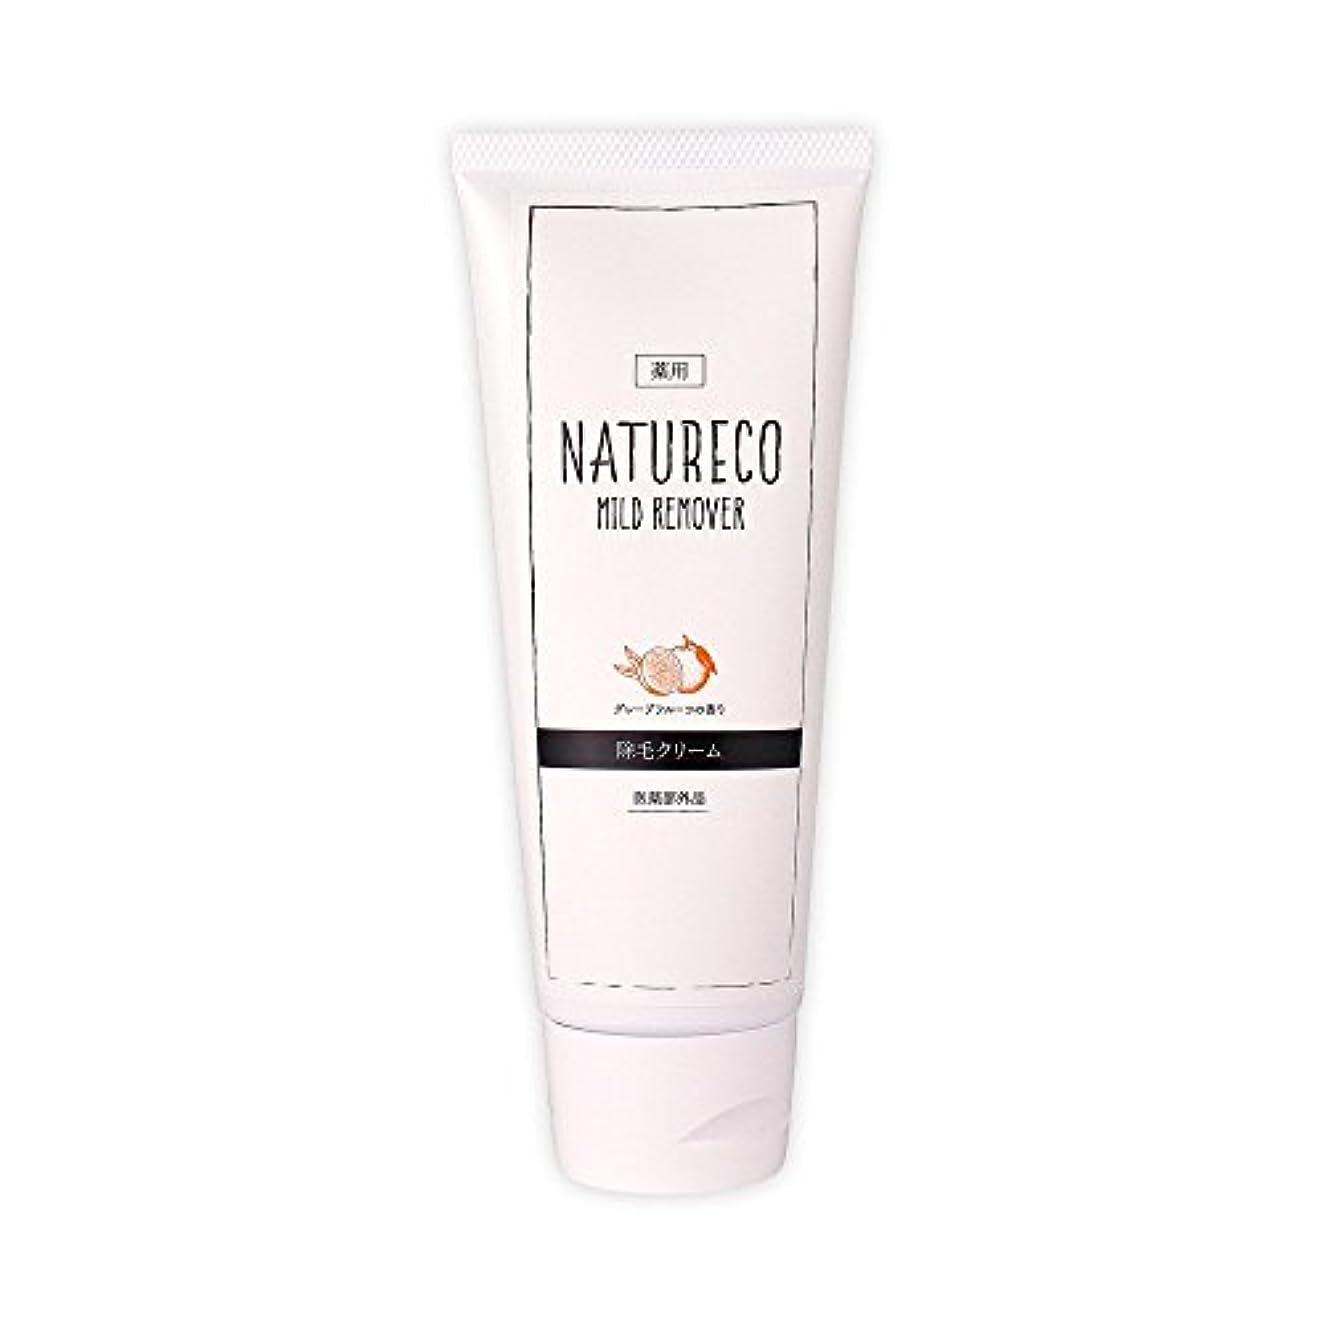 暴君スタック信じるナチュレコ 除毛クリーム 薬用 120g<さわやかな香り> 脱毛クリーム 肌に優しい除毛クリーム 肌荒れしにくい成分配合 薬用マイルドリムーバー NATURECO